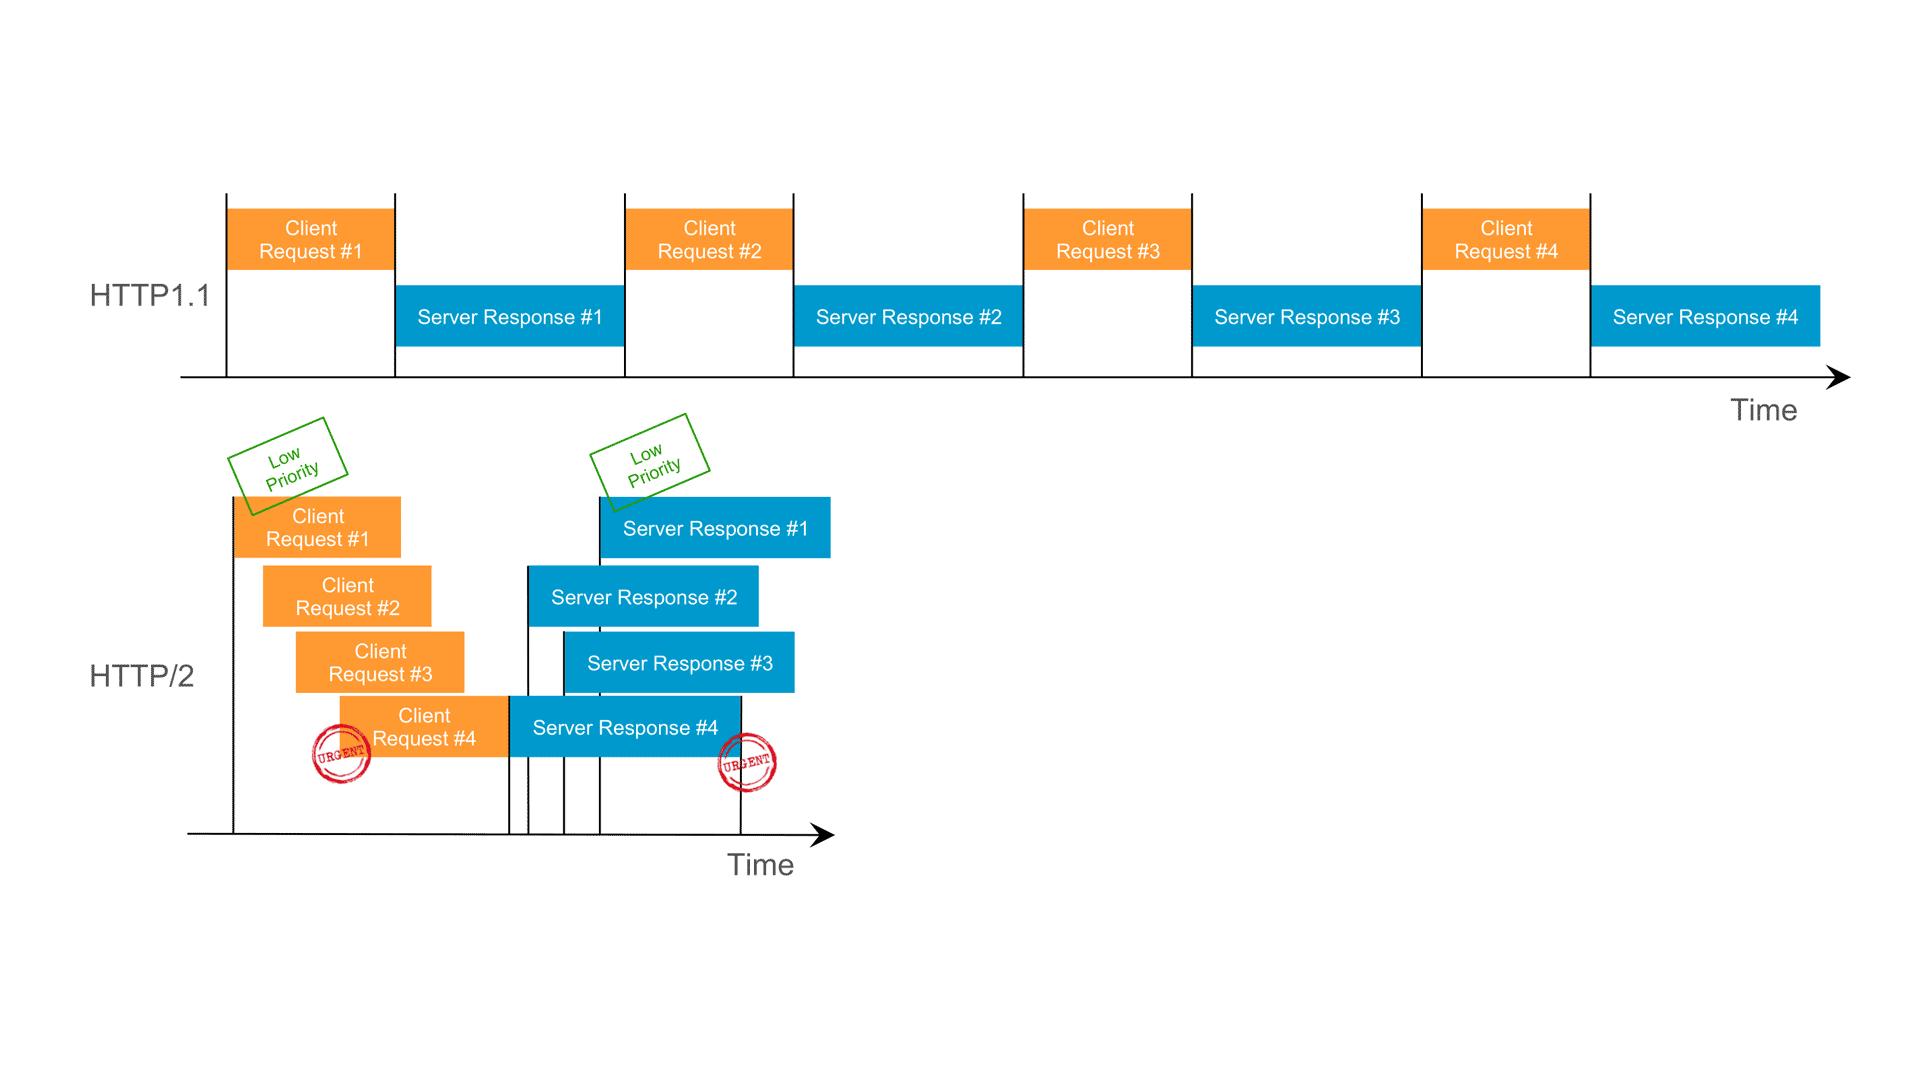 HTTP2 Multiplexing Diagram